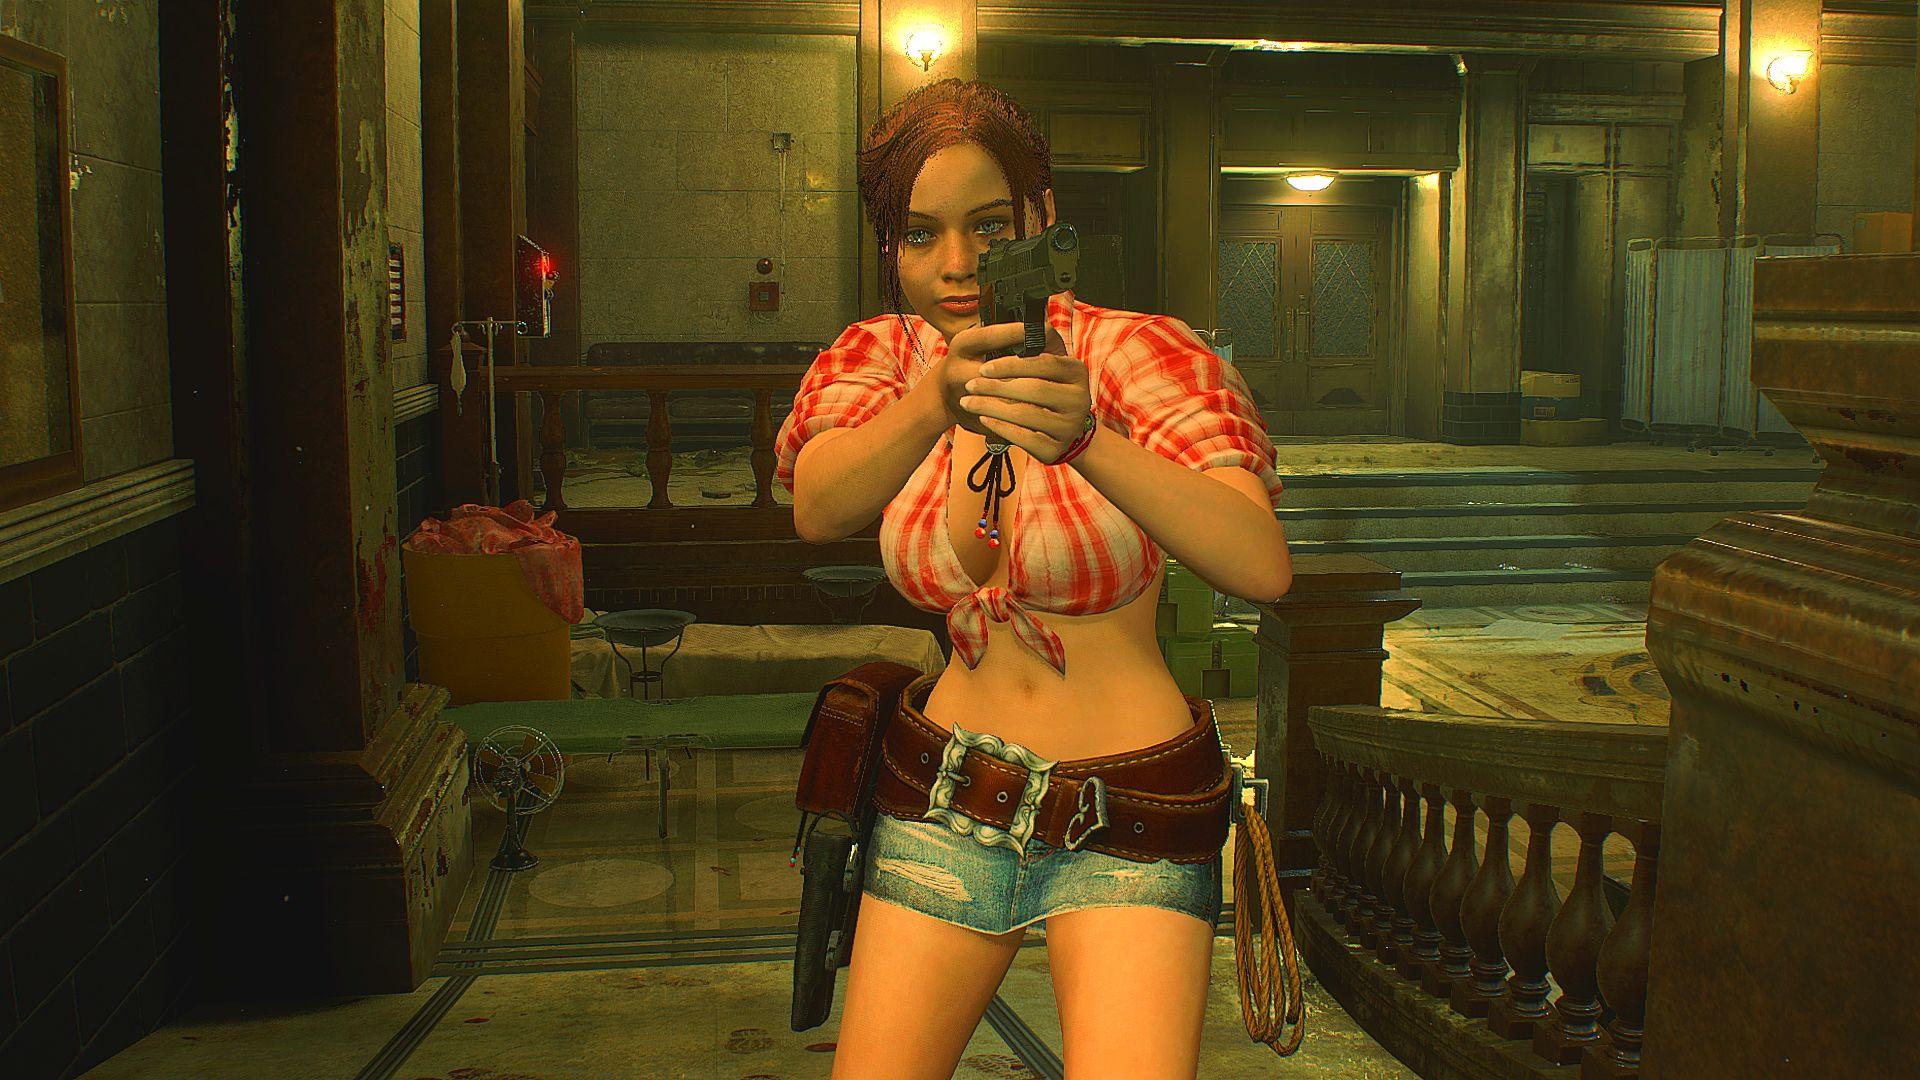 000149.Jpg - Resident Evil 2